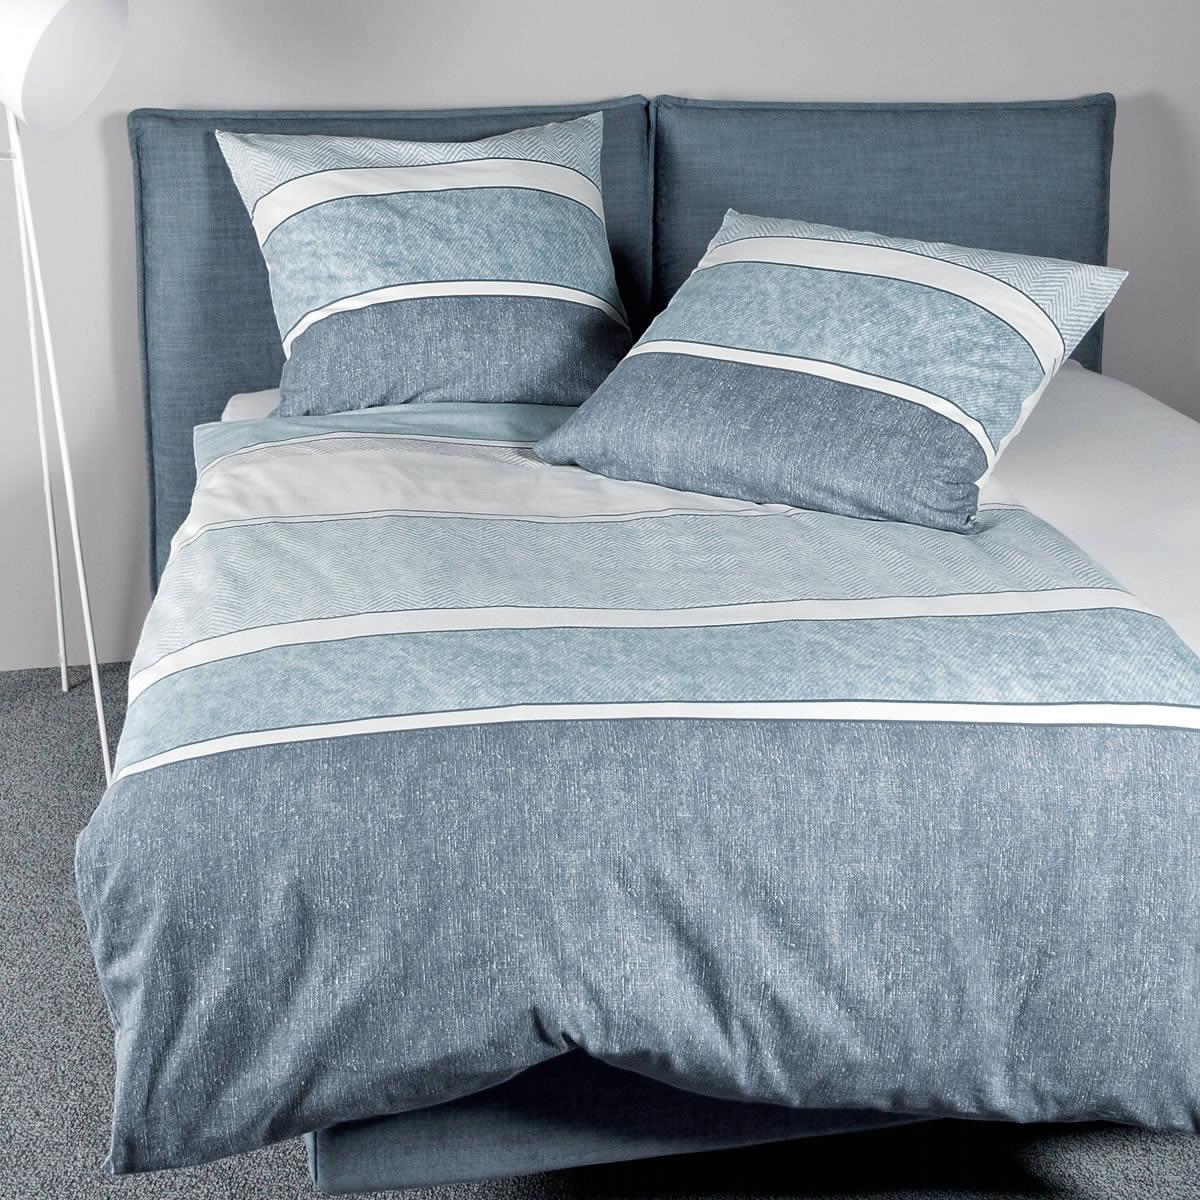 Janine Fein Biber Bettwäsche Davos 65047 02 Blau Weiß Modern Streifen